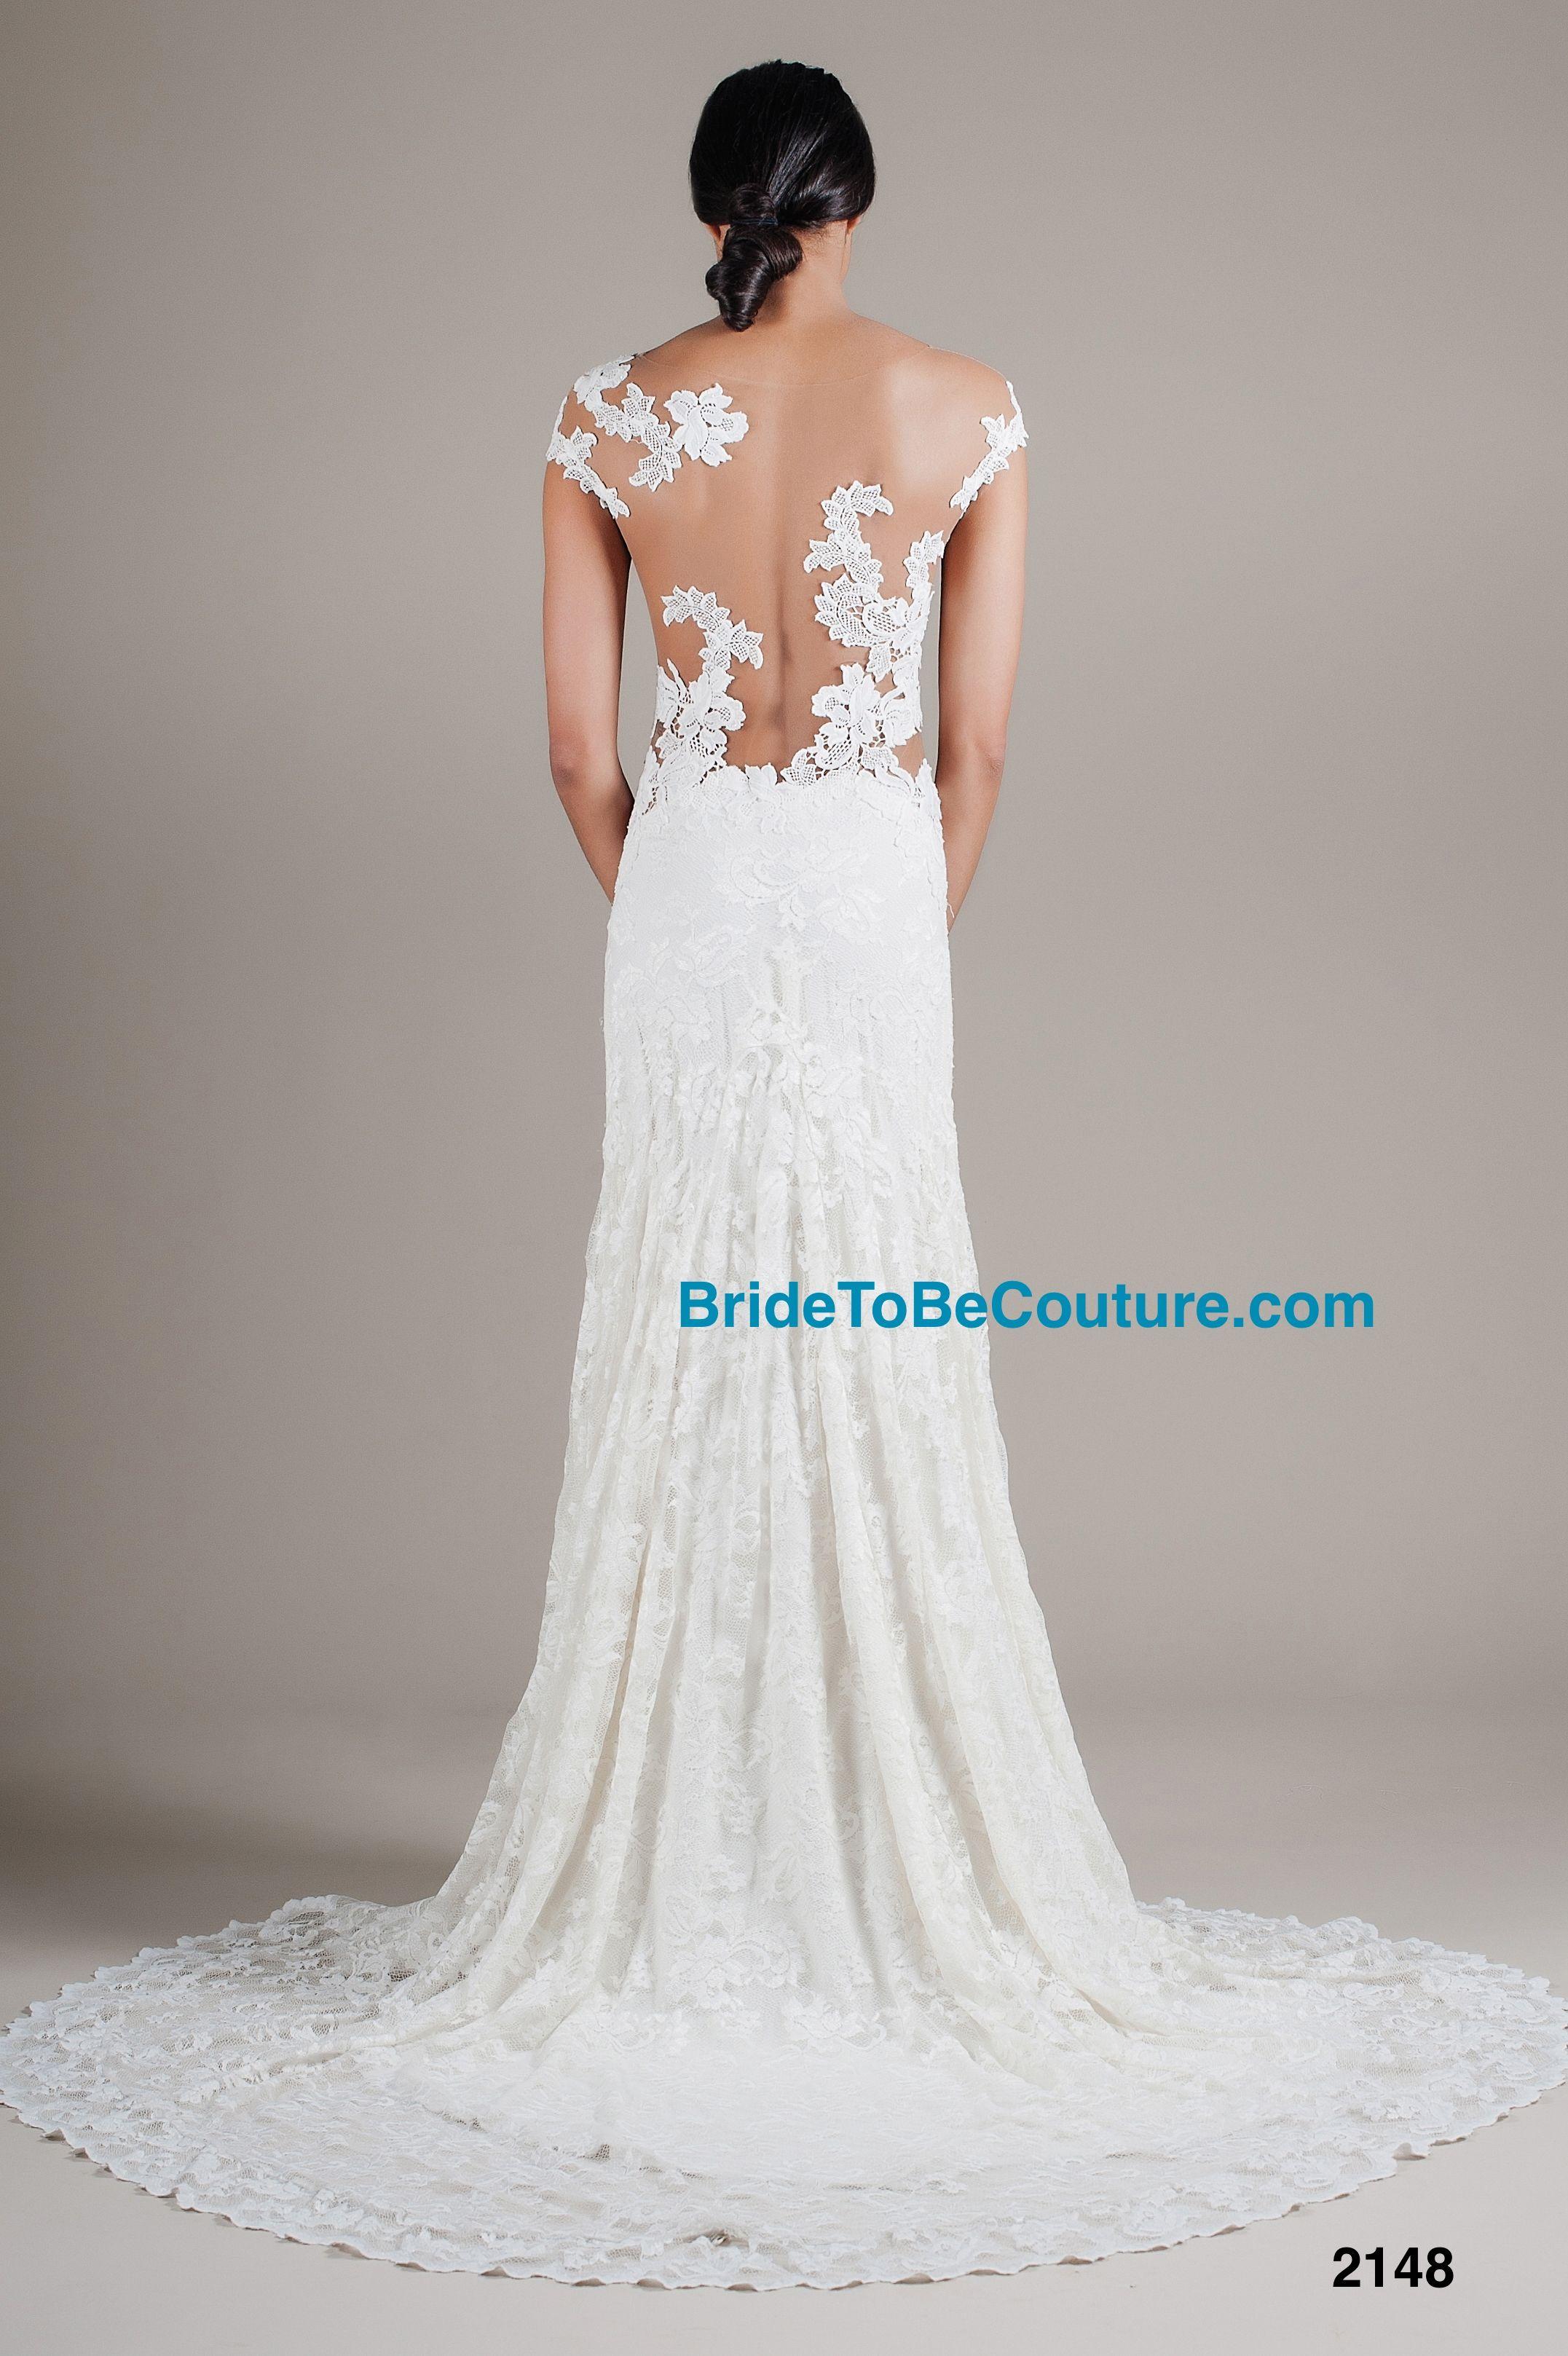 58cd41cb5 OLVI'S - Wedding Dresses Sacramento | Bride To Be Couture | Wedding ...